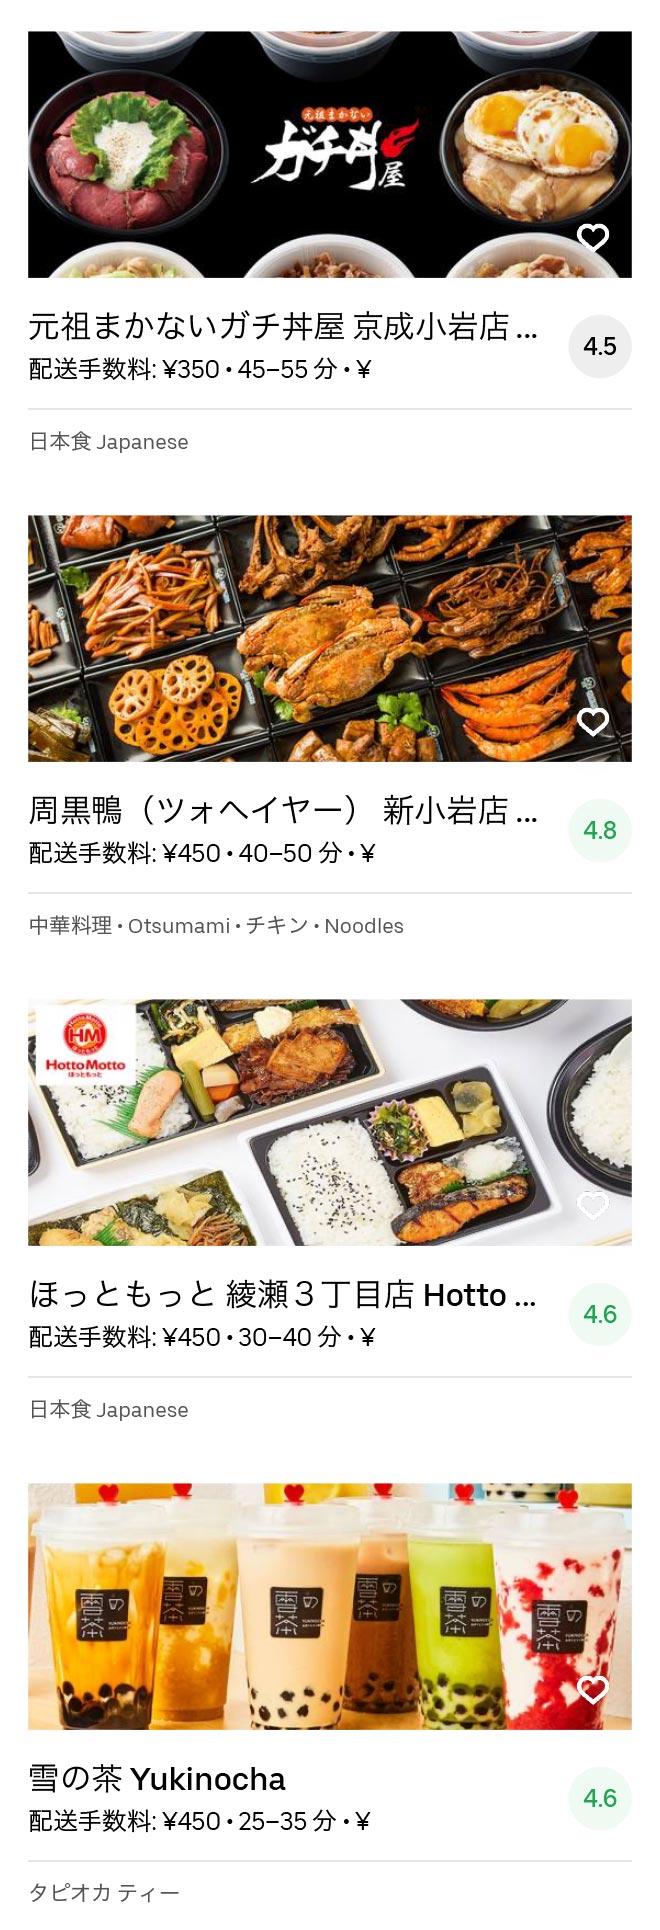 Tokyo aoto menu 2005 08